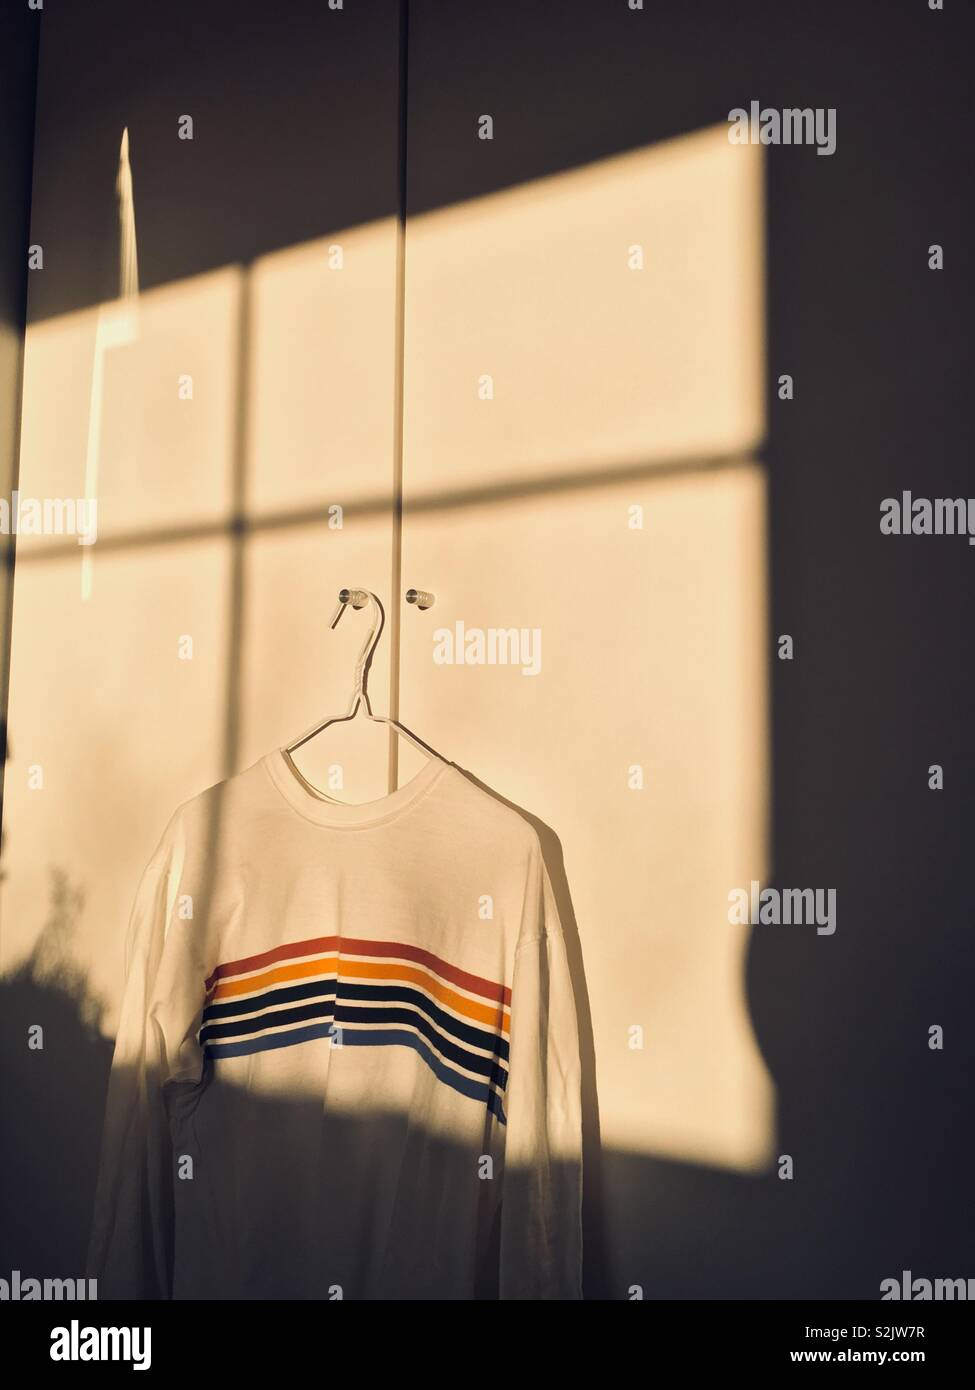 Rainbow sweater colgado en una pared blanca en interiores con luz solar Imagen De Stock